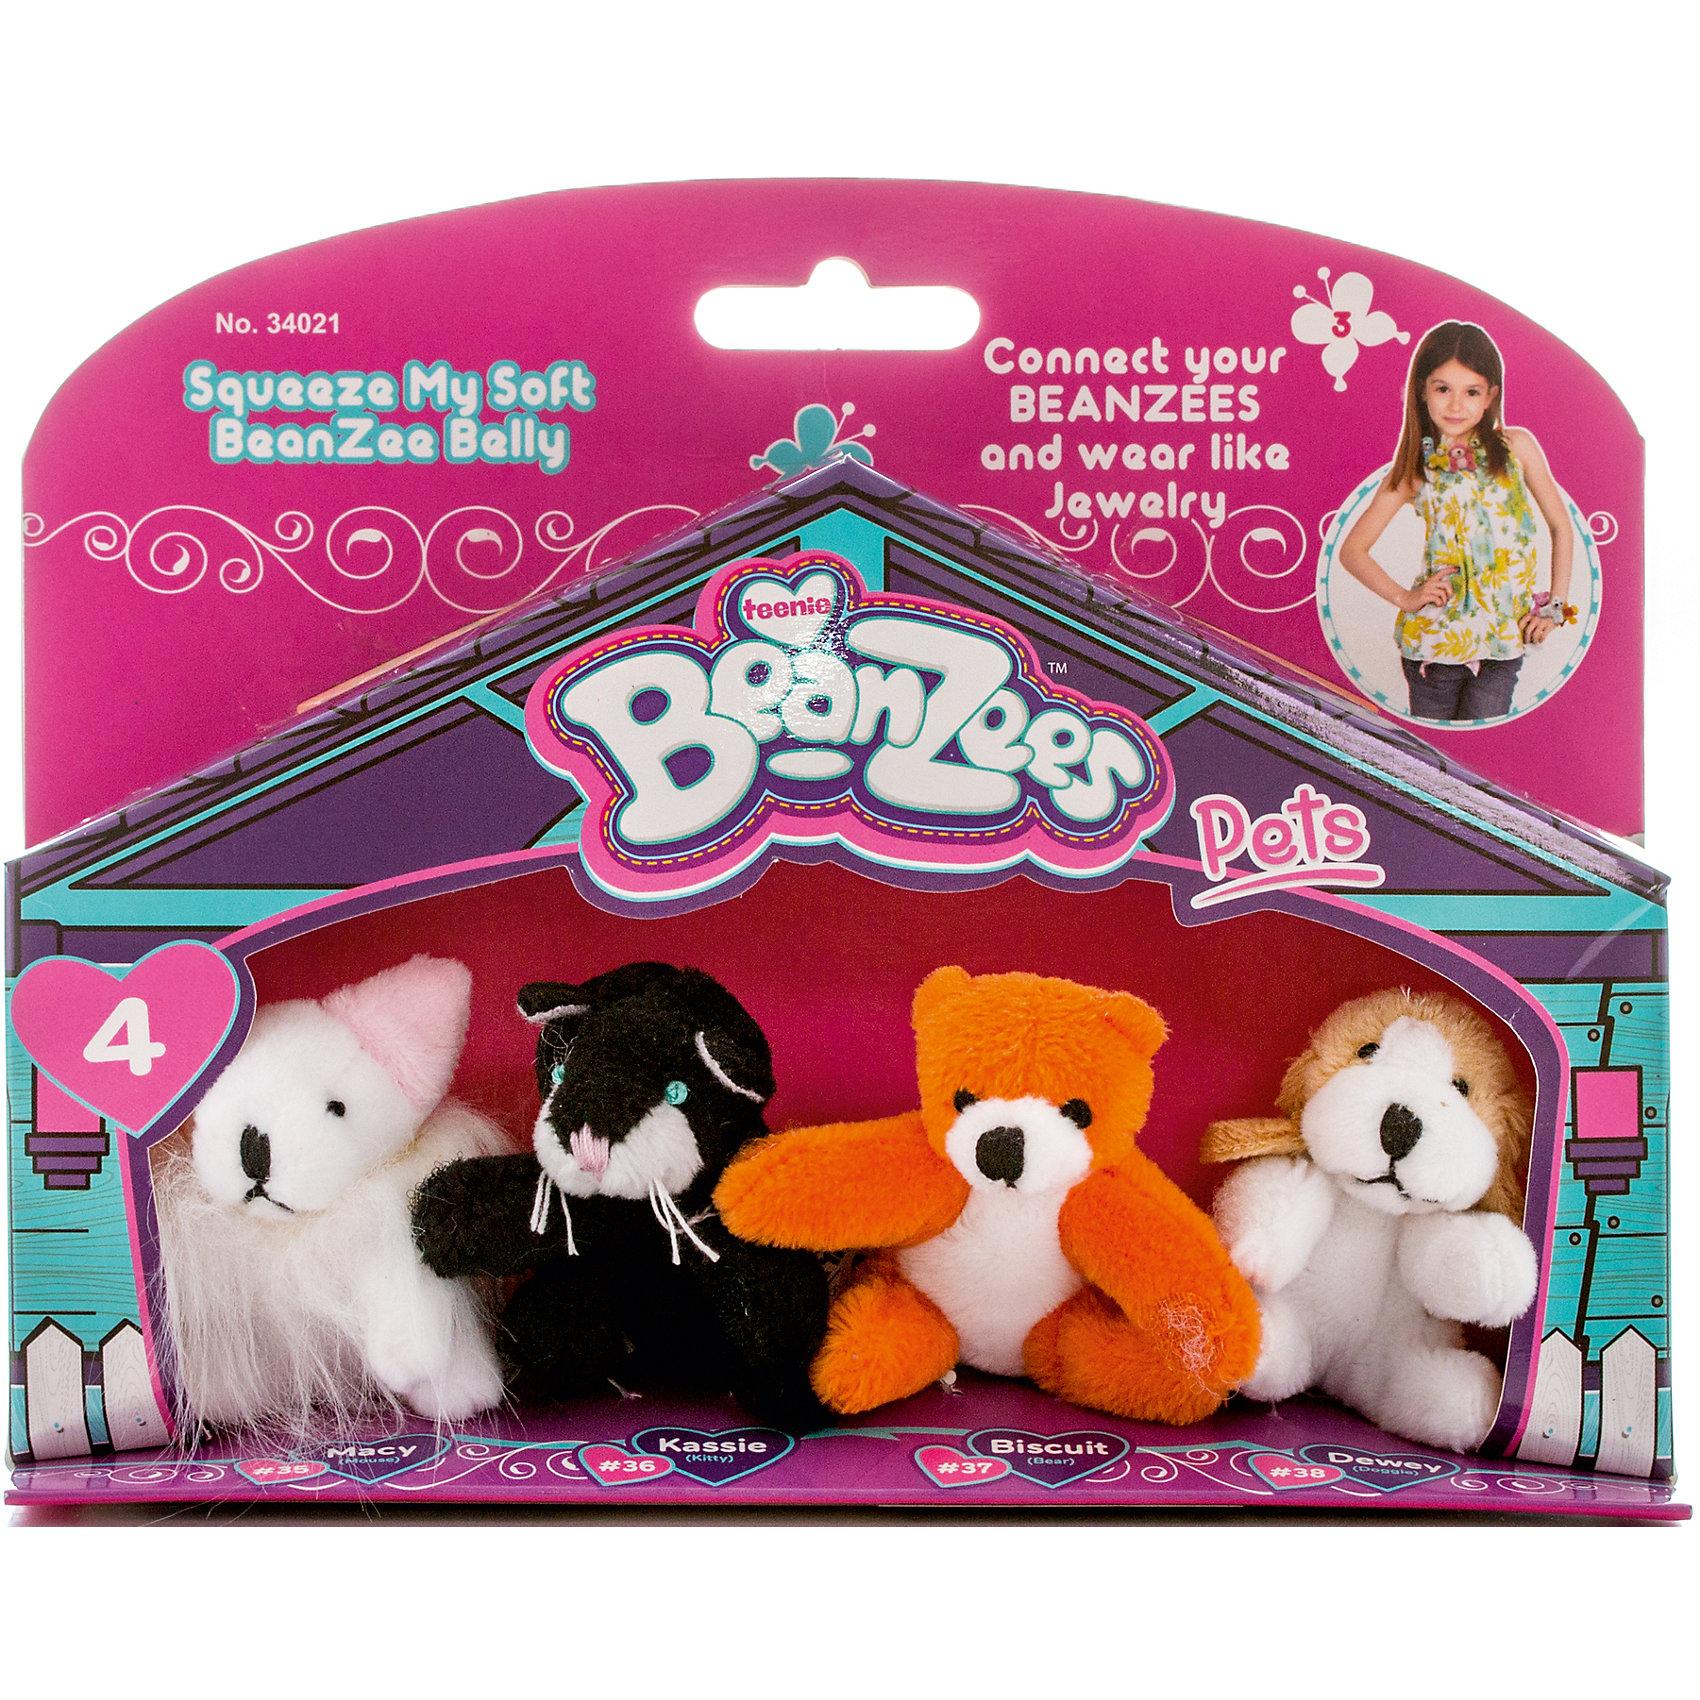 Мини-плюш в наборе Мышка, Котик, Медведь, Песик, BeanzeezЗвери и птицы<br>Характеристики товара:<br><br>- цвет: разноцветный;<br>- материал: текстиль;<br>- комплектация: 4 фигурки животных;<br>- особенности: наличие на лапках липучек, игрушку можно соединять с другими героями из серии;<br>- живот заполнен гранулами;<br>- размер упаковки: 5х15х19 см;<br>- упаковка: блистер;<br>- вес: 100 г.<br><br>Такая симпатичная игрушка не оставит ребенка равнодушным! Какой малыш откажется поиграть с маленькими плюшевыми игрушками из большой пушистой коллекции?! Игрушки очень качественно выполнены, поэтому такой набор станет отличным подарком ребенку. В наборе идет четыре плюшевых фигурки животных. С ними можно придумать множество сюжетов, разыгрывая которые, ребенок развивает мелкую моторику, воображение и творческое мышление.<br>Изделие произведено из высококачественного материала, безопасного для детей.<br><br>Мини-плюш в наборе Мышка, Котик, Медведь, Песик от бренда Beanzeez можно купить в нашем интернет-магазине.<br><br>Ширина мм: 50<br>Глубина мм: 150<br>Высота мм: 190<br>Вес г: 93<br>Возраст от месяцев: 36<br>Возраст до месяцев: 2147483647<br>Пол: Женский<br>Возраст: Детский<br>SKU: 5039896